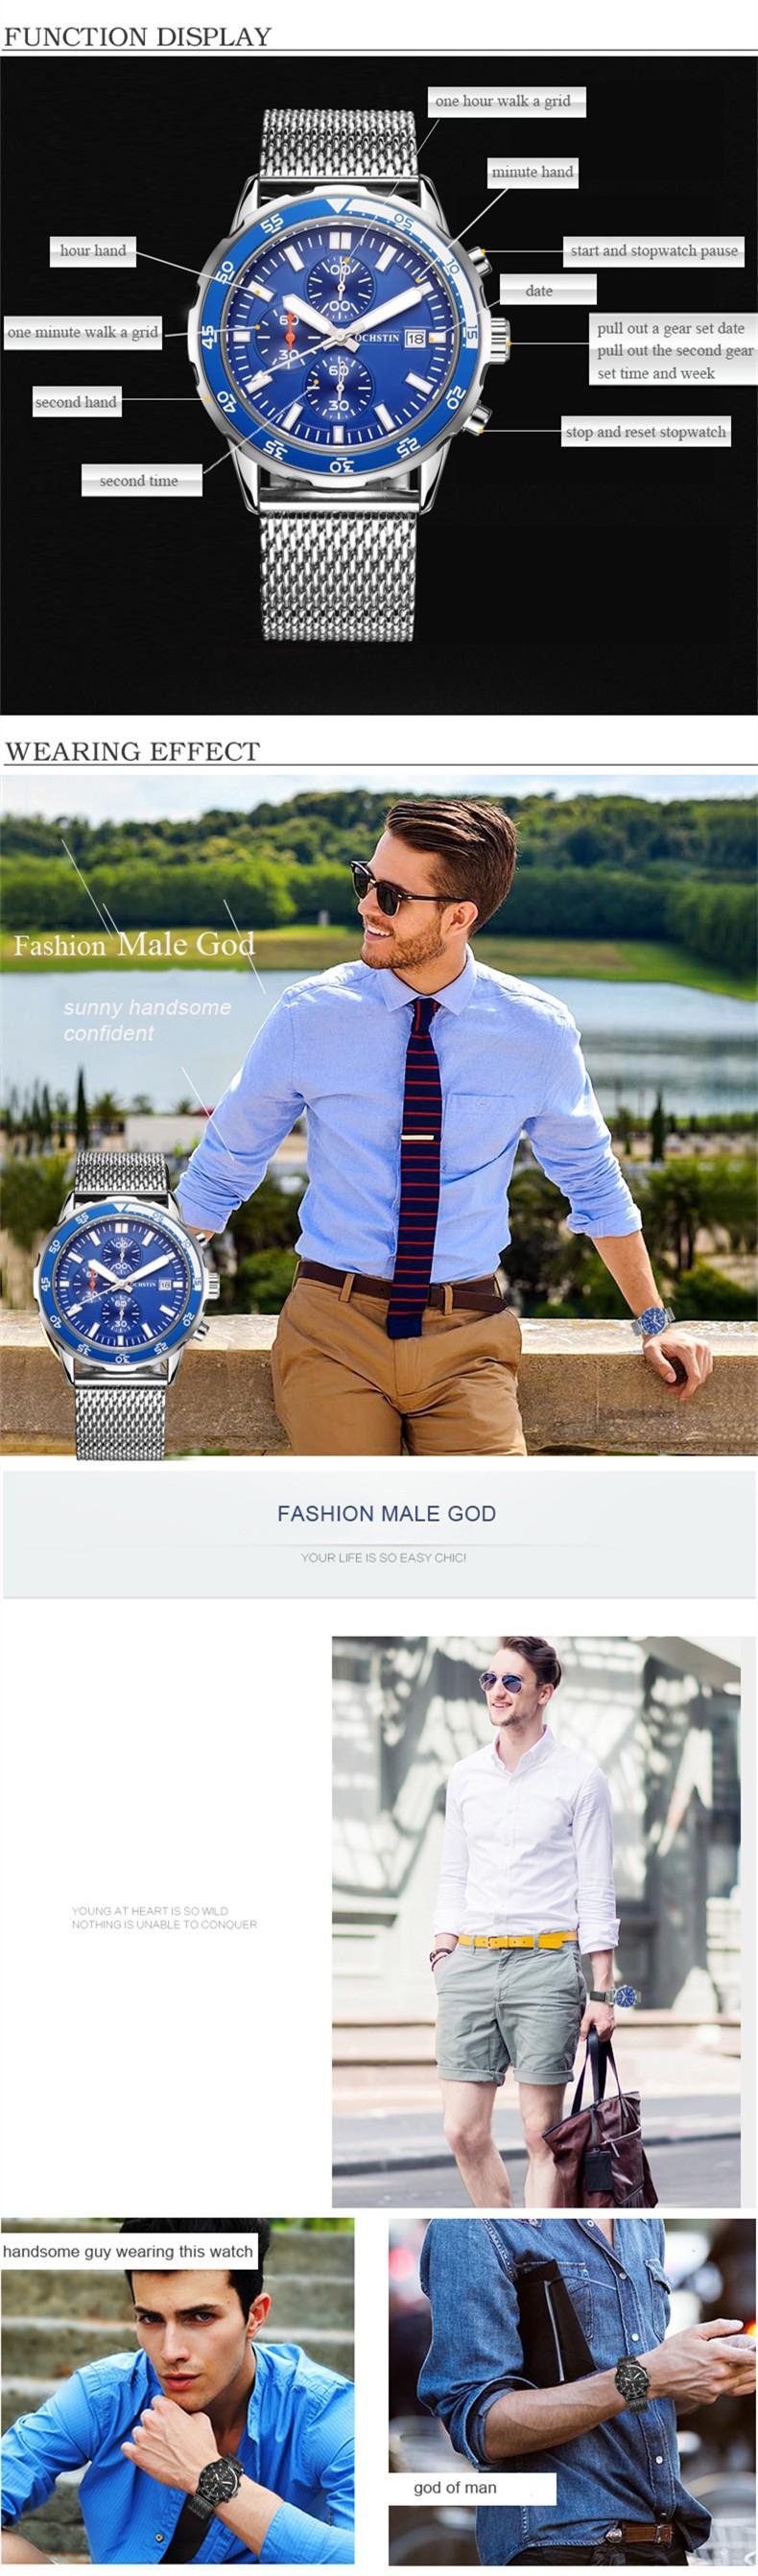 Мода Мужчины Смотреть Luxury Brand Спорт Кварцевые Часы Мужские Наручные Часы Из Нержавеющей стали сетка ремешок Бизнес Мужчины Часы Relogio Masculino